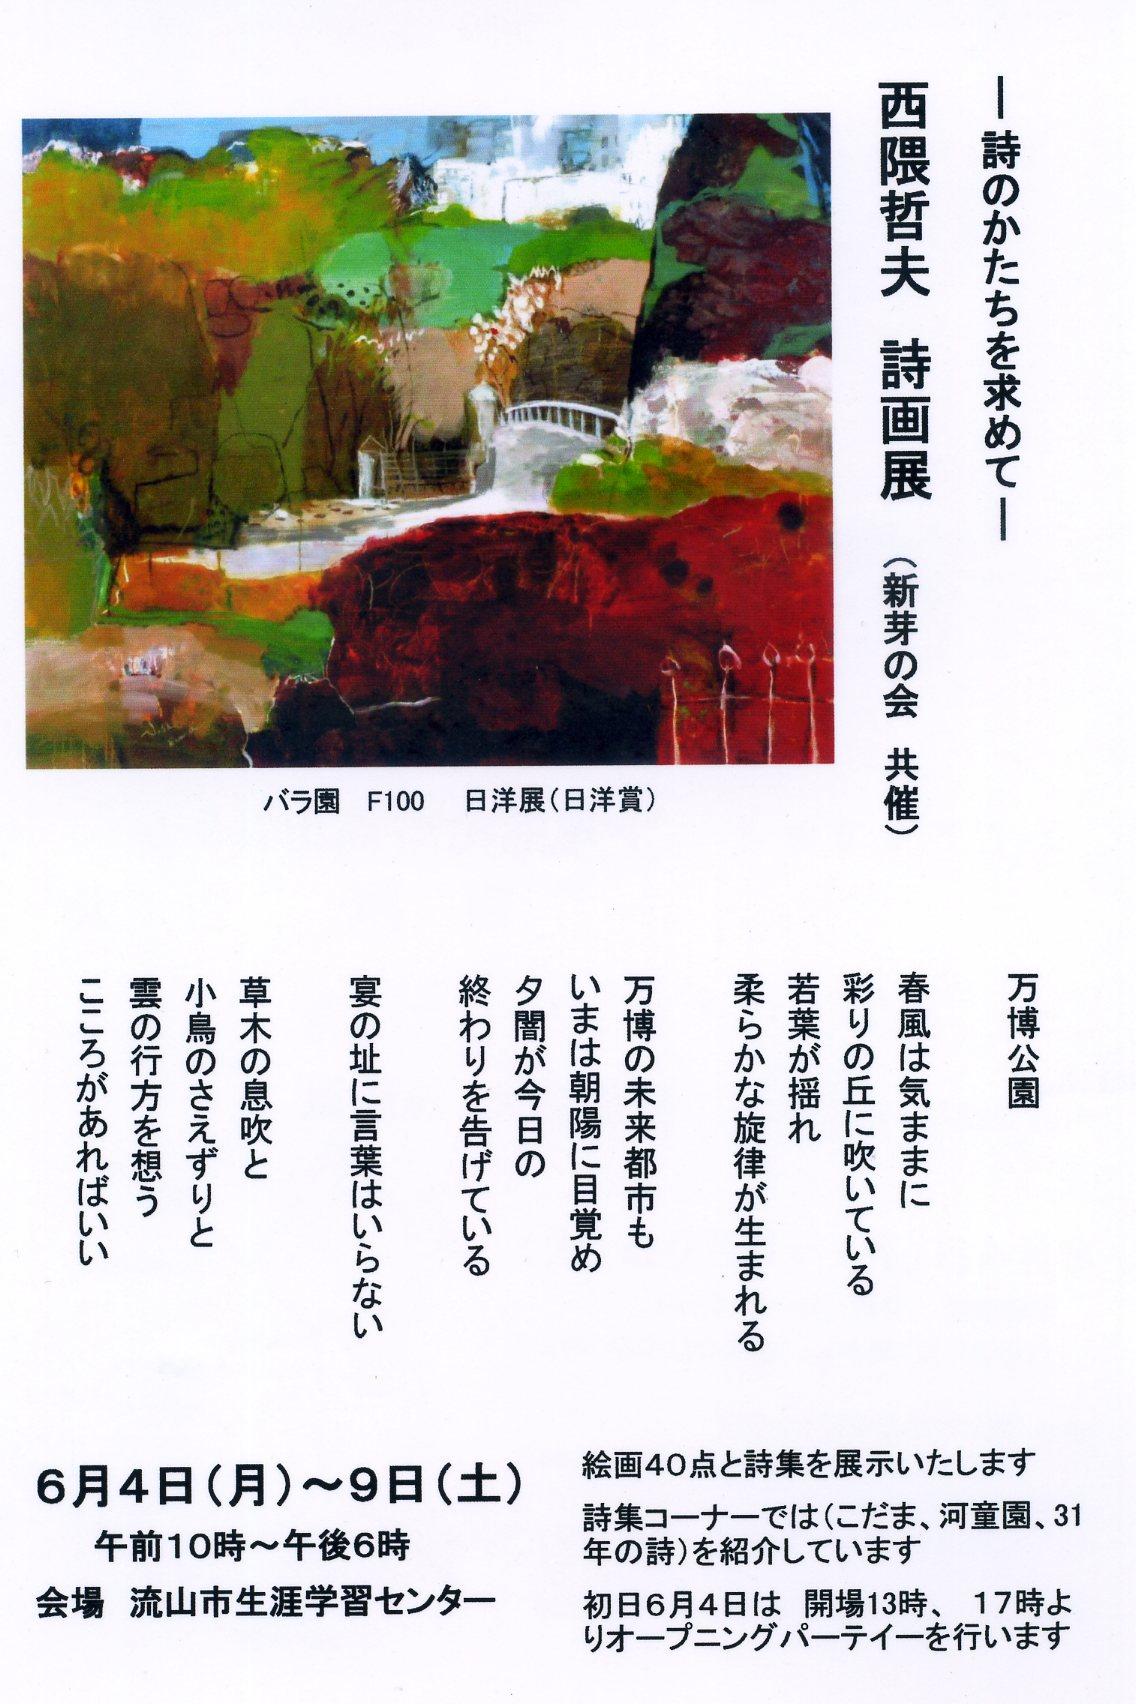 西隈哲夫 詩画展_a0086270_22214268.jpg